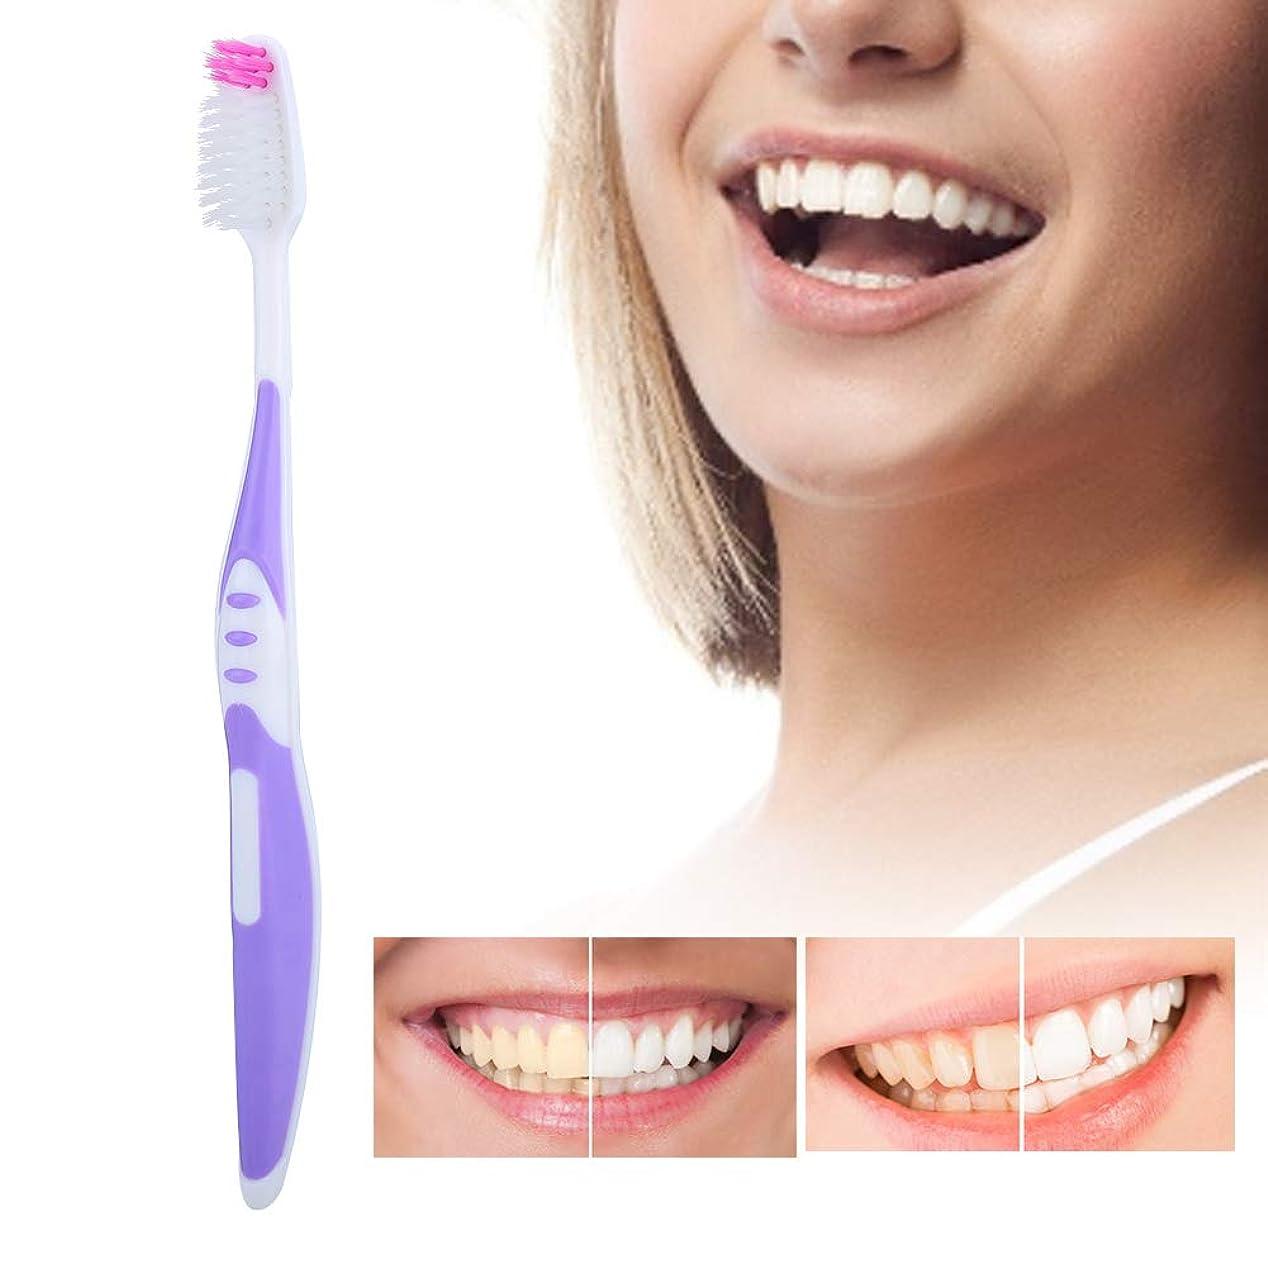 経由でボア抽出ソフトブラシ髪の歯ブラシ10個入りpp滑り止めハンドル歯のクレンジングブラシ用大人パープル